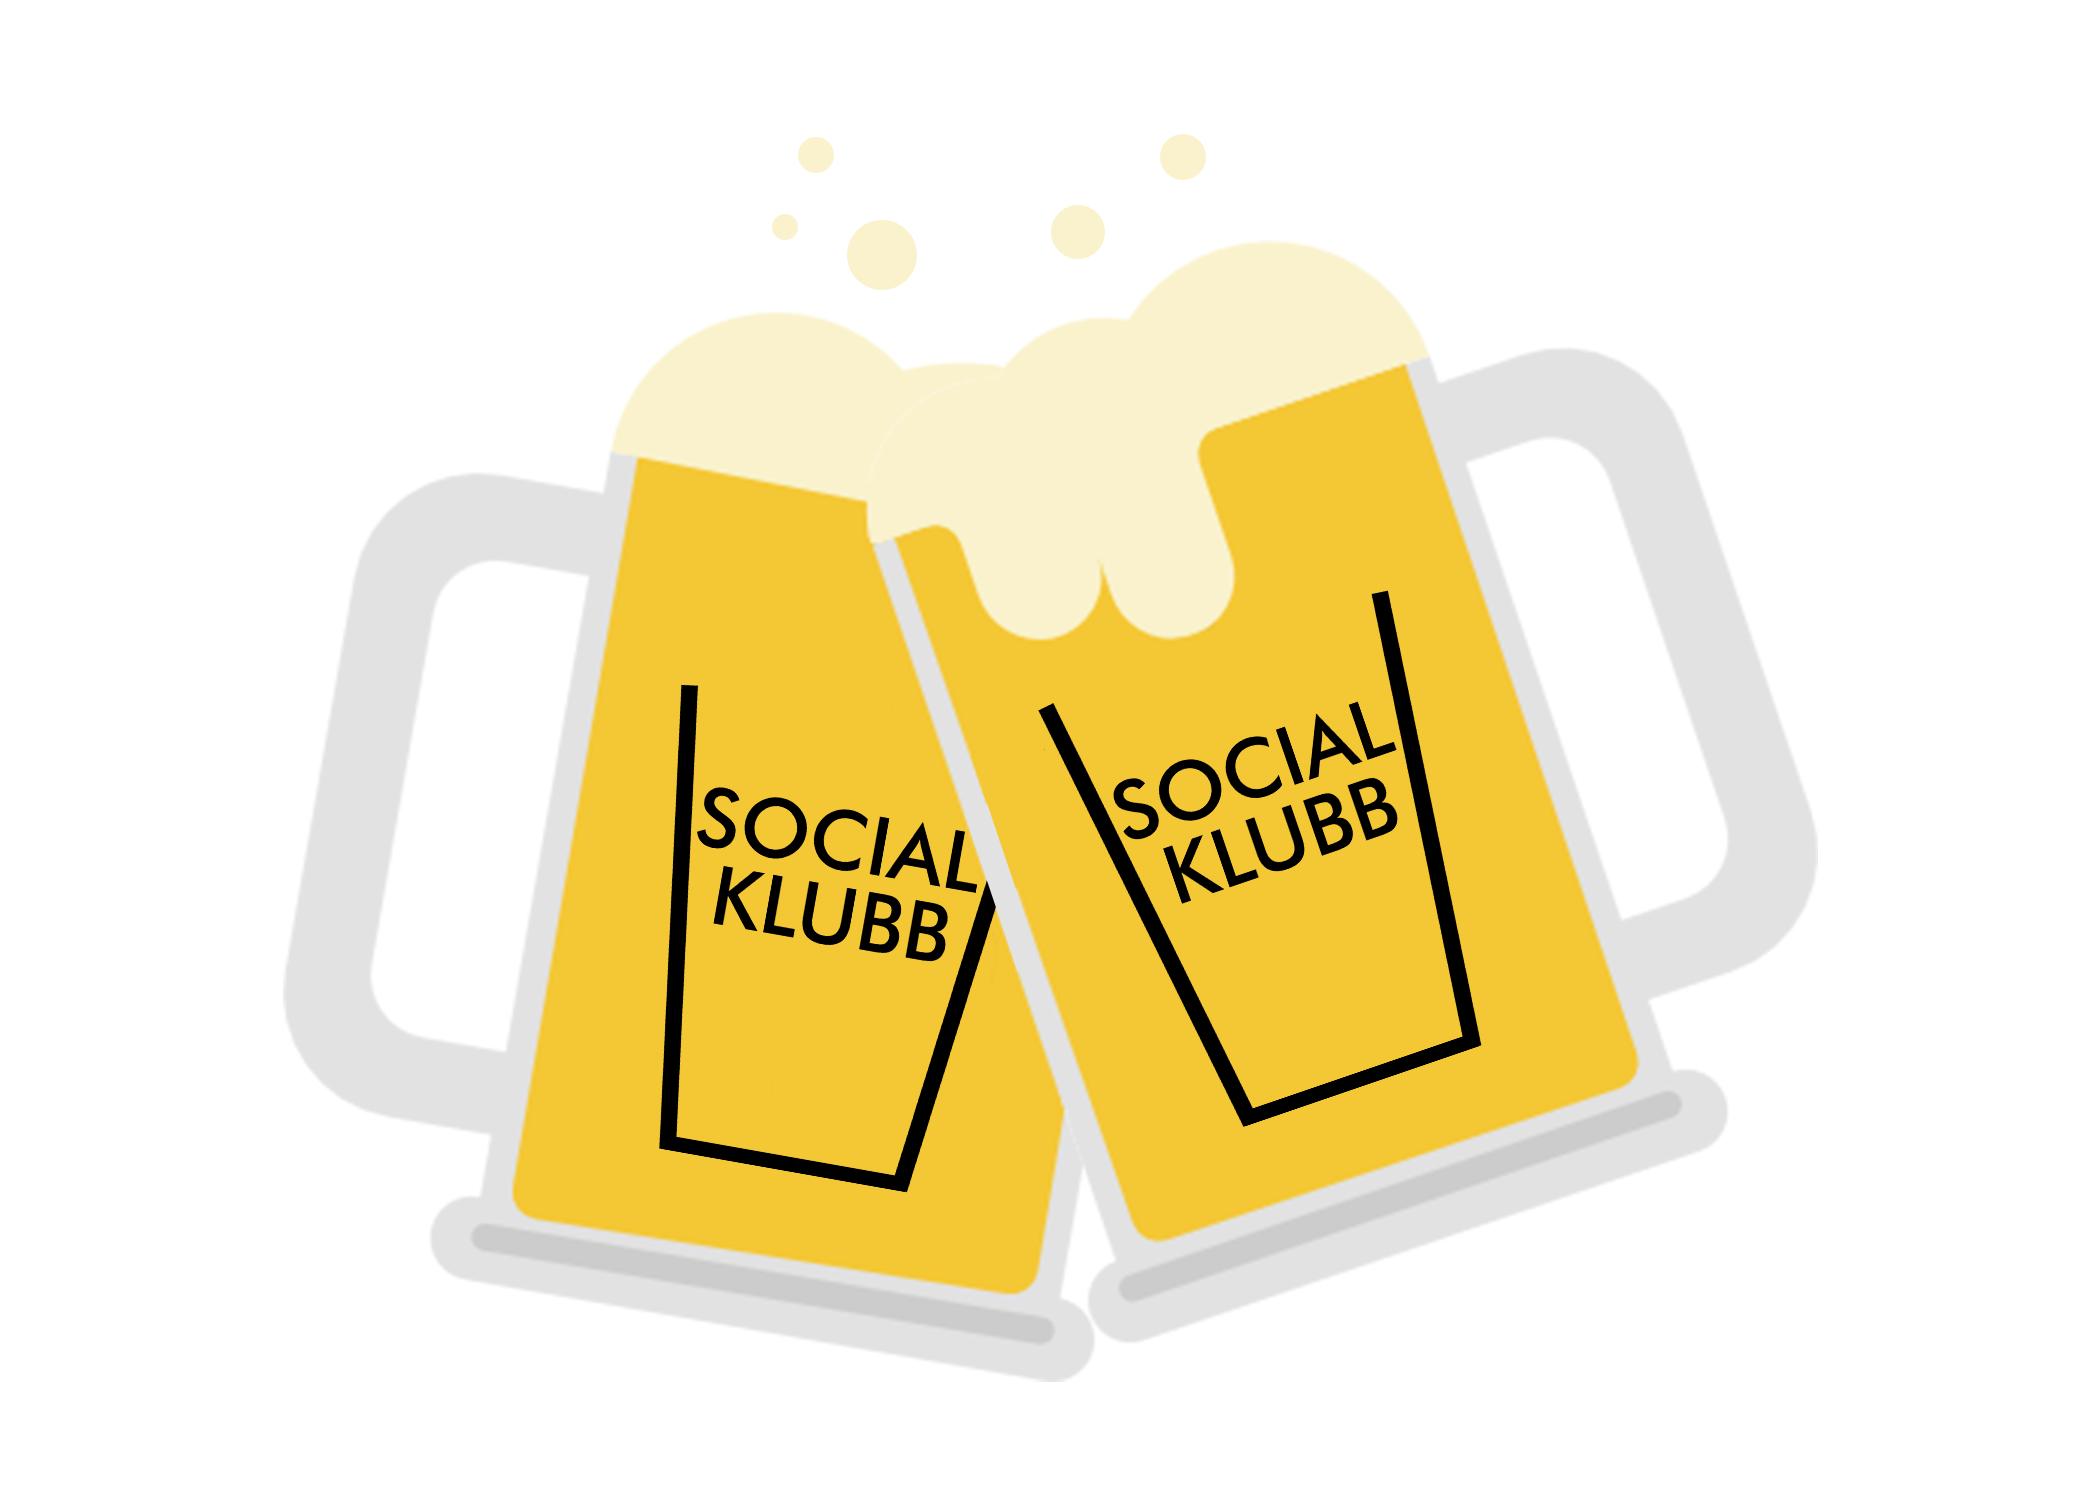 social klubb cheers beers employee perk benefit